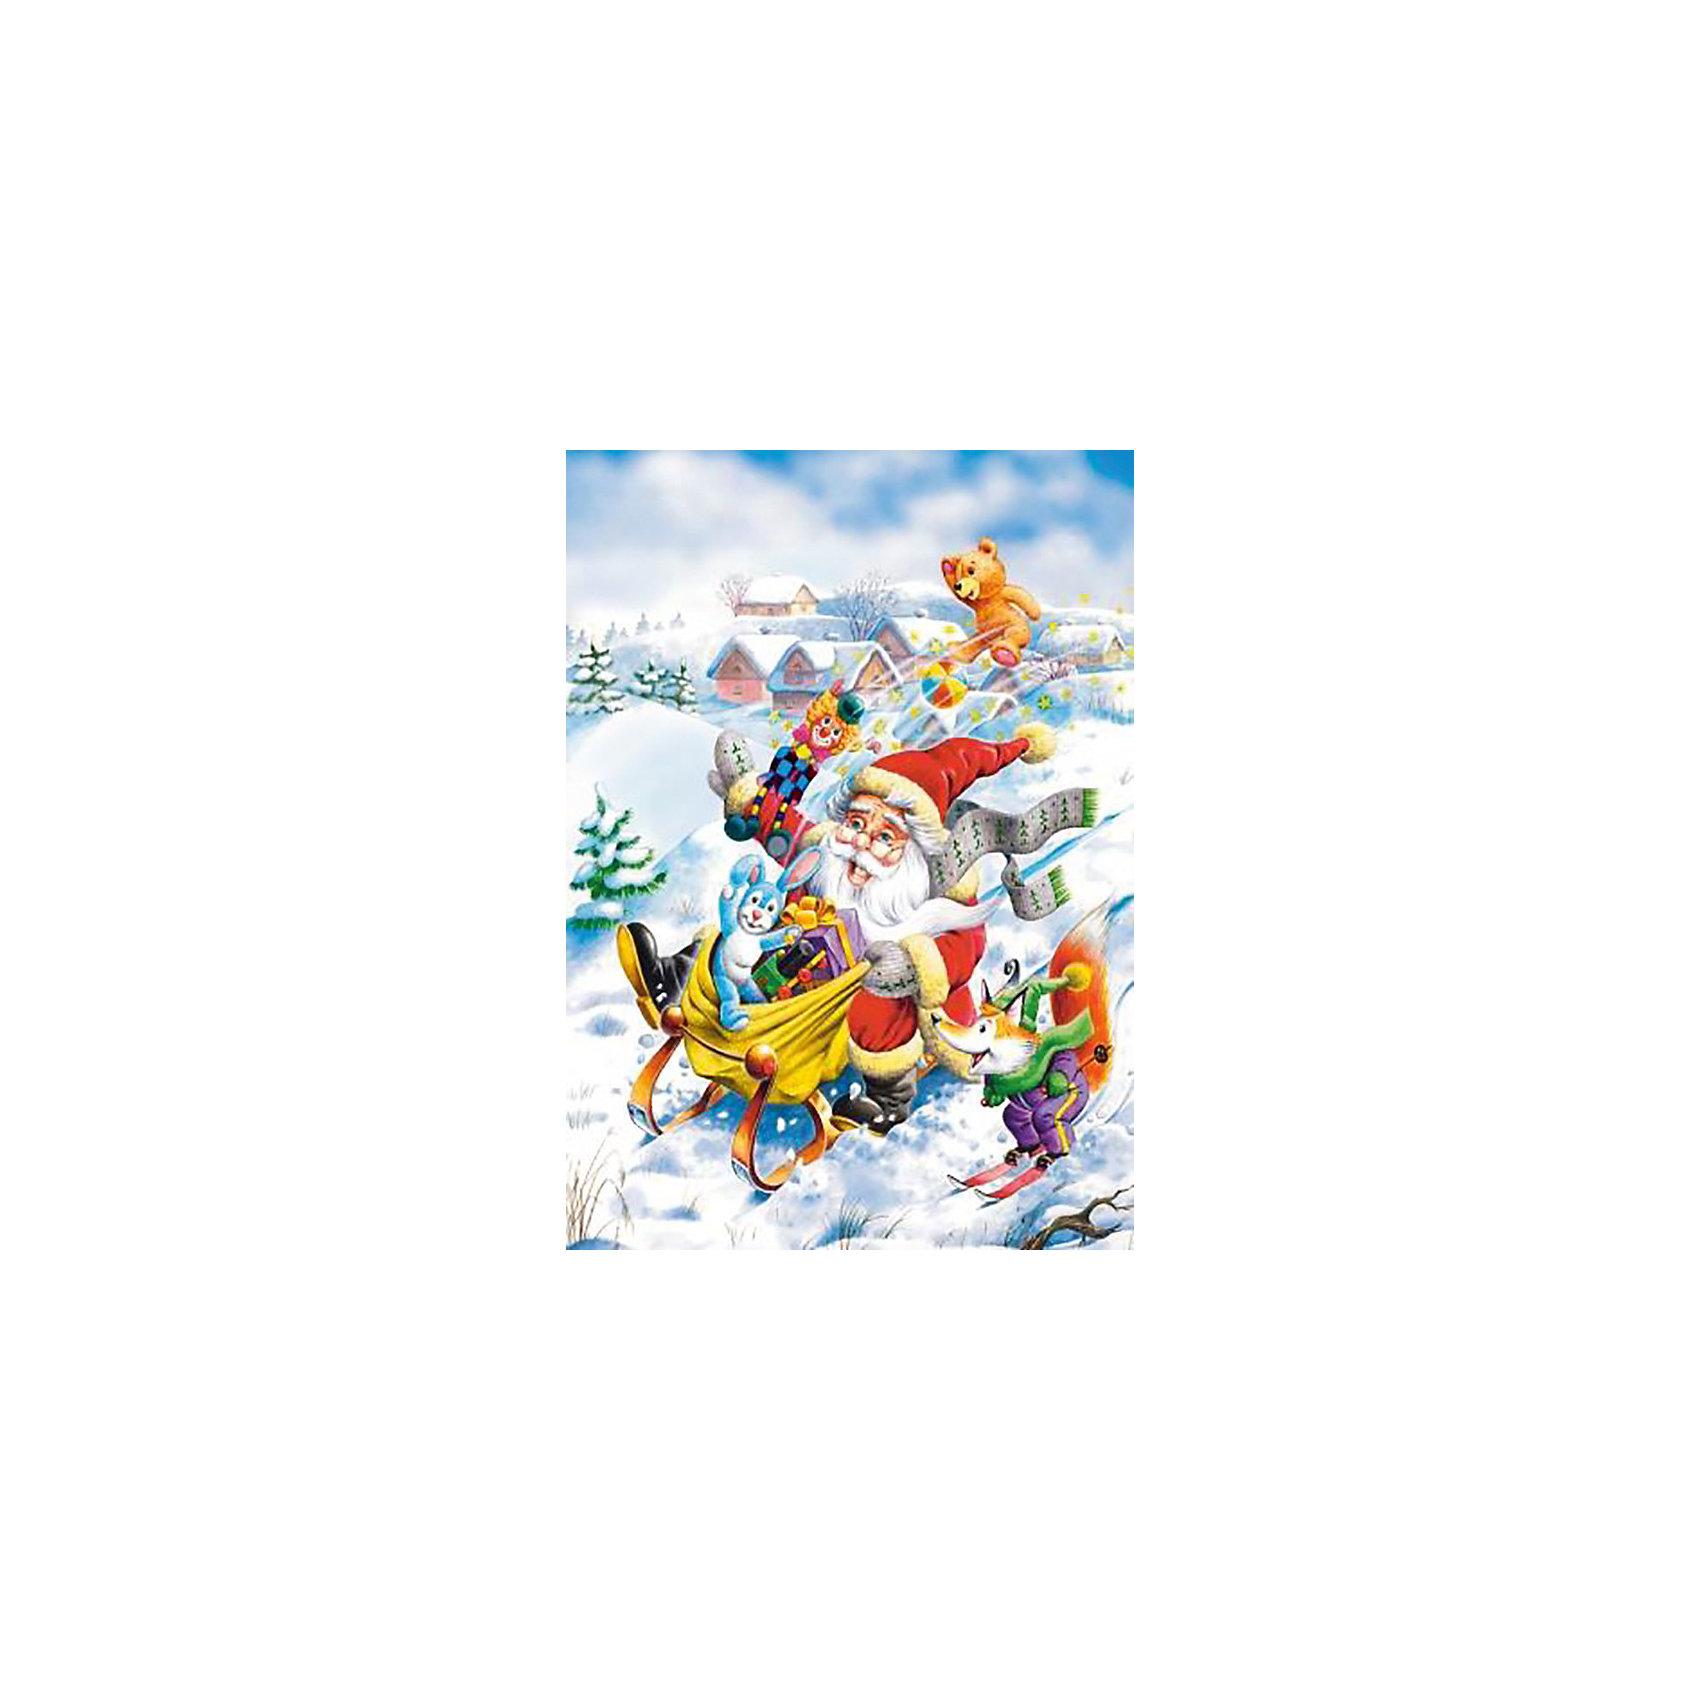 Пазл Поездка Санты, 120 деталей, CastorlandКлассические пазлы<br>Добродушный Санта Клаус мчится на санях с кучей подарков. Соберите  пазл «Поездка Санты»  Castorland (Касторленд) и узнайте, что именно собрался подарить Санта малышам. Гладкие глянцевые детали уникальной формы (более мелкие по сравнению с обычными) изготовлены из плотного картона и точно нарезаны, поэтому стыкуются без проблем. Яркая цветовая гамма и красивый рисунок с интересным сюжетом порадуют Вас и Вашего малыша и принесут  массу положительных эмоций!<br><br>Дополнительная информация:<br><br>- Прекрасный подарок на Новый Год;<br>- Уникальное качество деталей;<br>- Размеры упаковки 13 х 3,7 х 17,5 см;<br>- Размер картинки: 32 х 23 см;<br>- Вес: 150 г<br><br>Пазл «Поездка Санты», 120 деталей, Castorland (Касторленд)  можно купить в нашем интернет-магазине.<br><br>Ширина мм: 180<br>Глубина мм: 40<br>Высота мм: 130<br>Вес г: 150<br>Возраст от месяцев: 60<br>Возраст до месяцев: 120<br>Пол: Унисекс<br>Возраст: Детский<br>Количество деталей: 120<br>SKU: 3849132